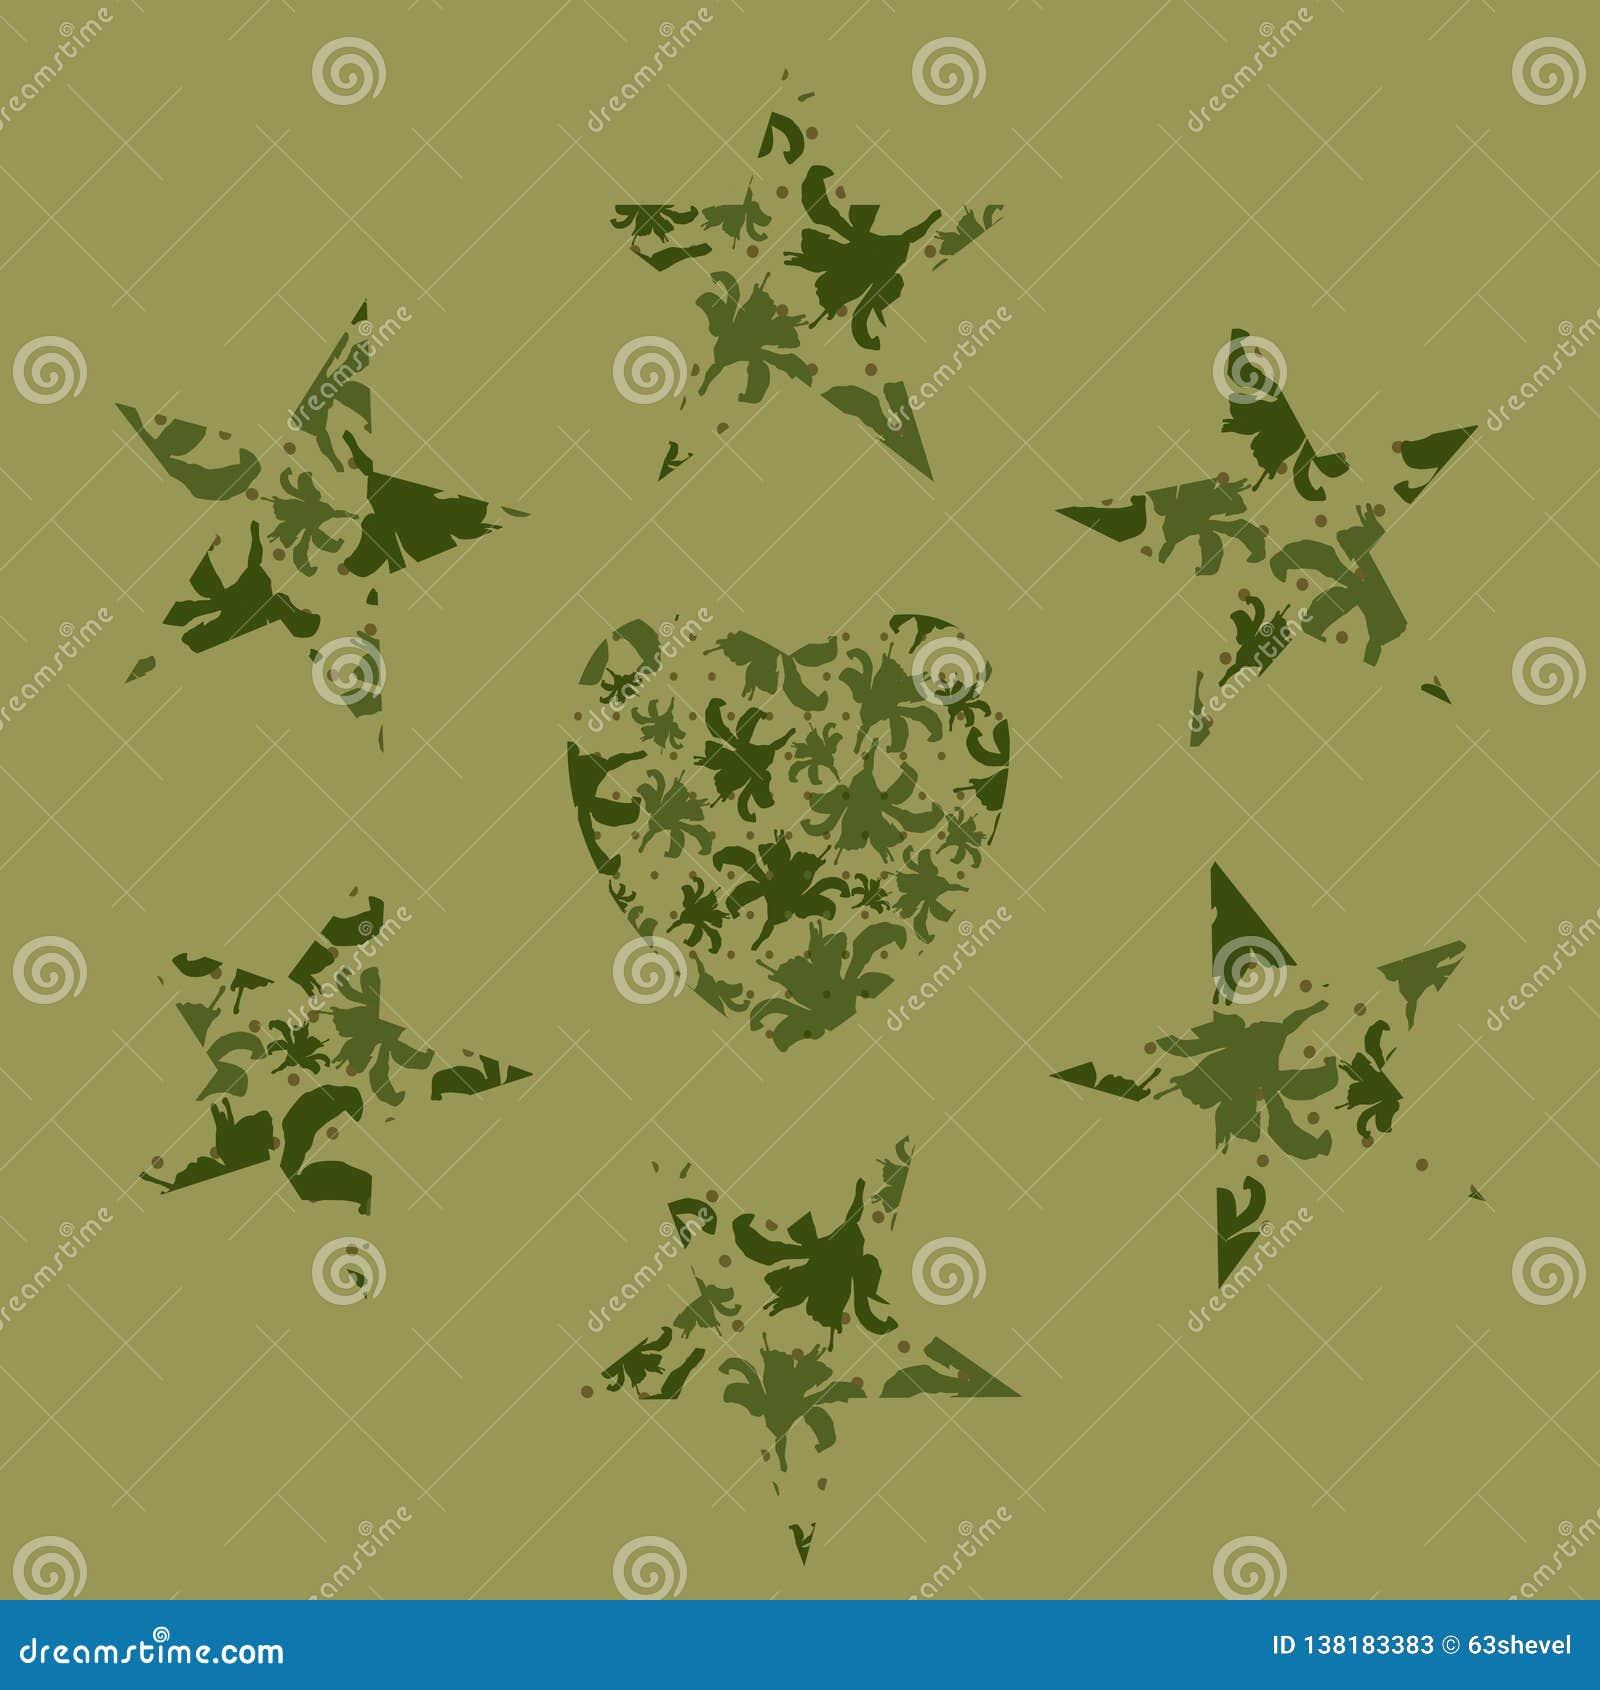 Sterren en het hart van lelies in camouflagepatroon